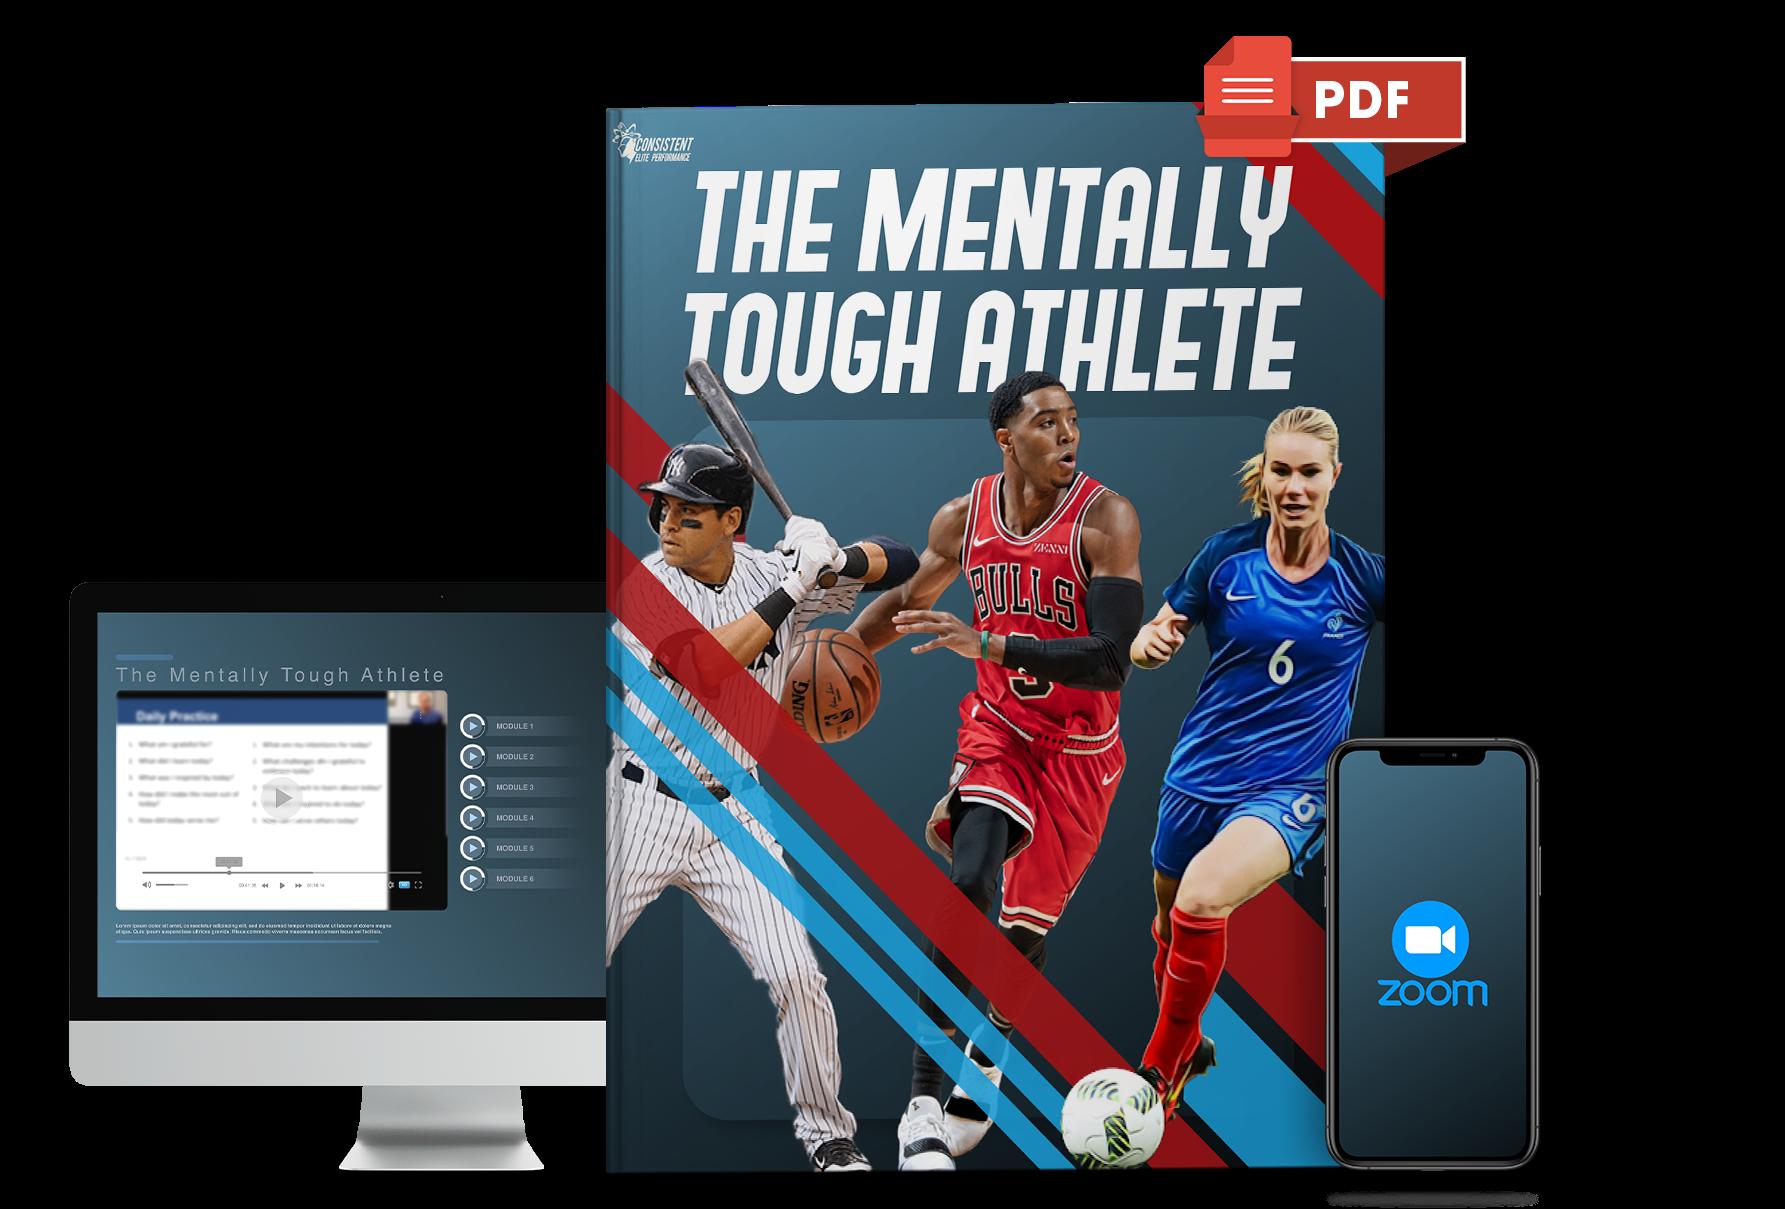 The Mentally Tough Athlete